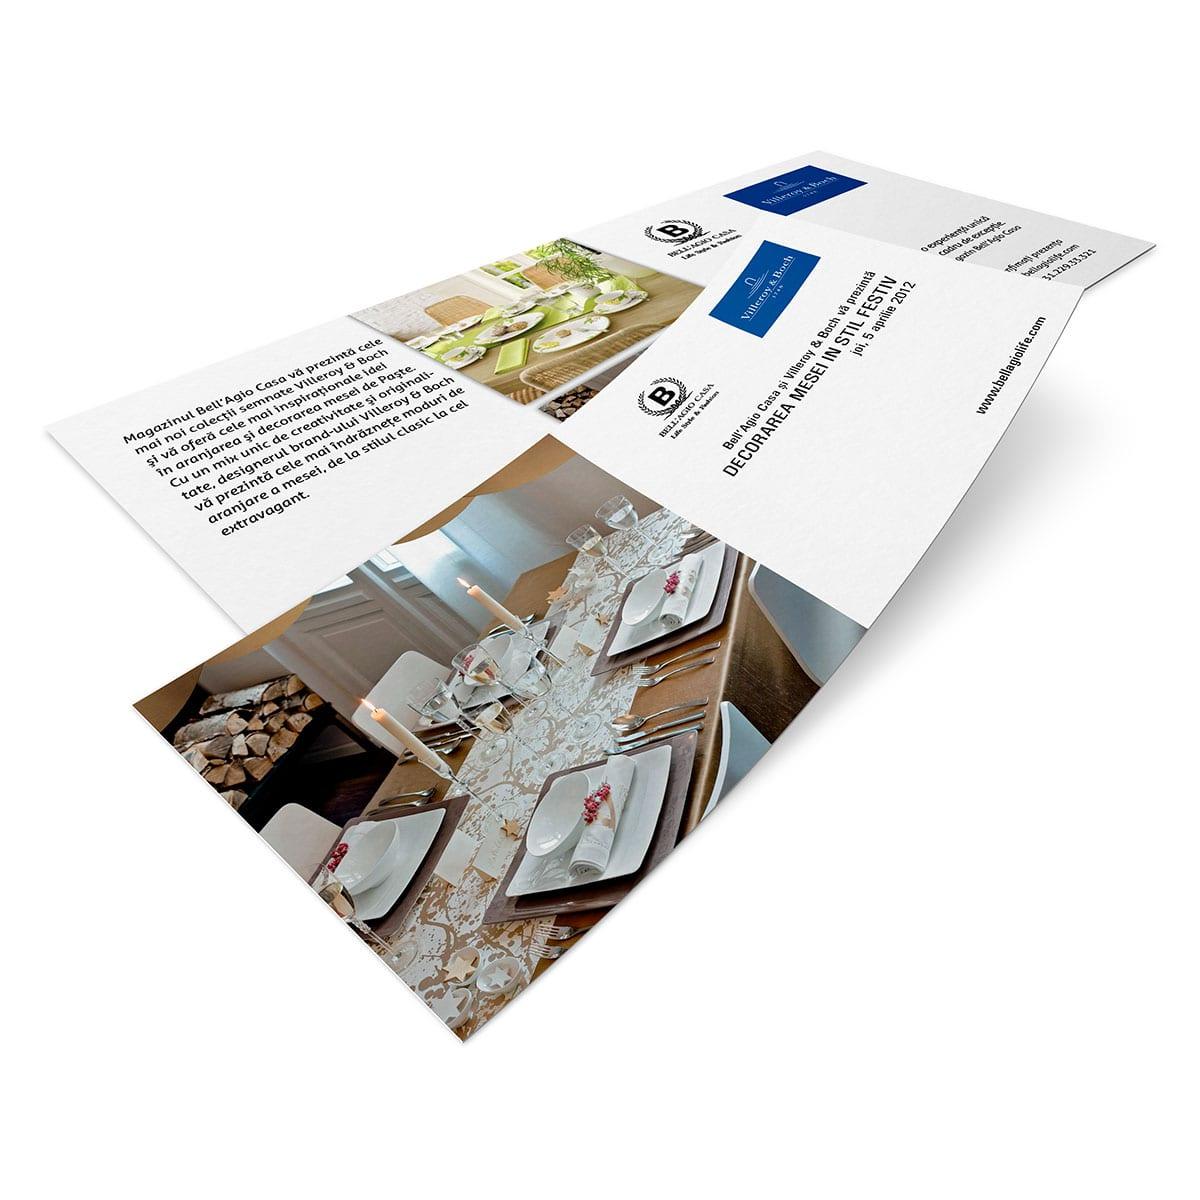 Apelează cu încredere la noi pentru design invitație eveniment corporate, pentru grafică profesionistă, făcută cu pasiune și dedicare!